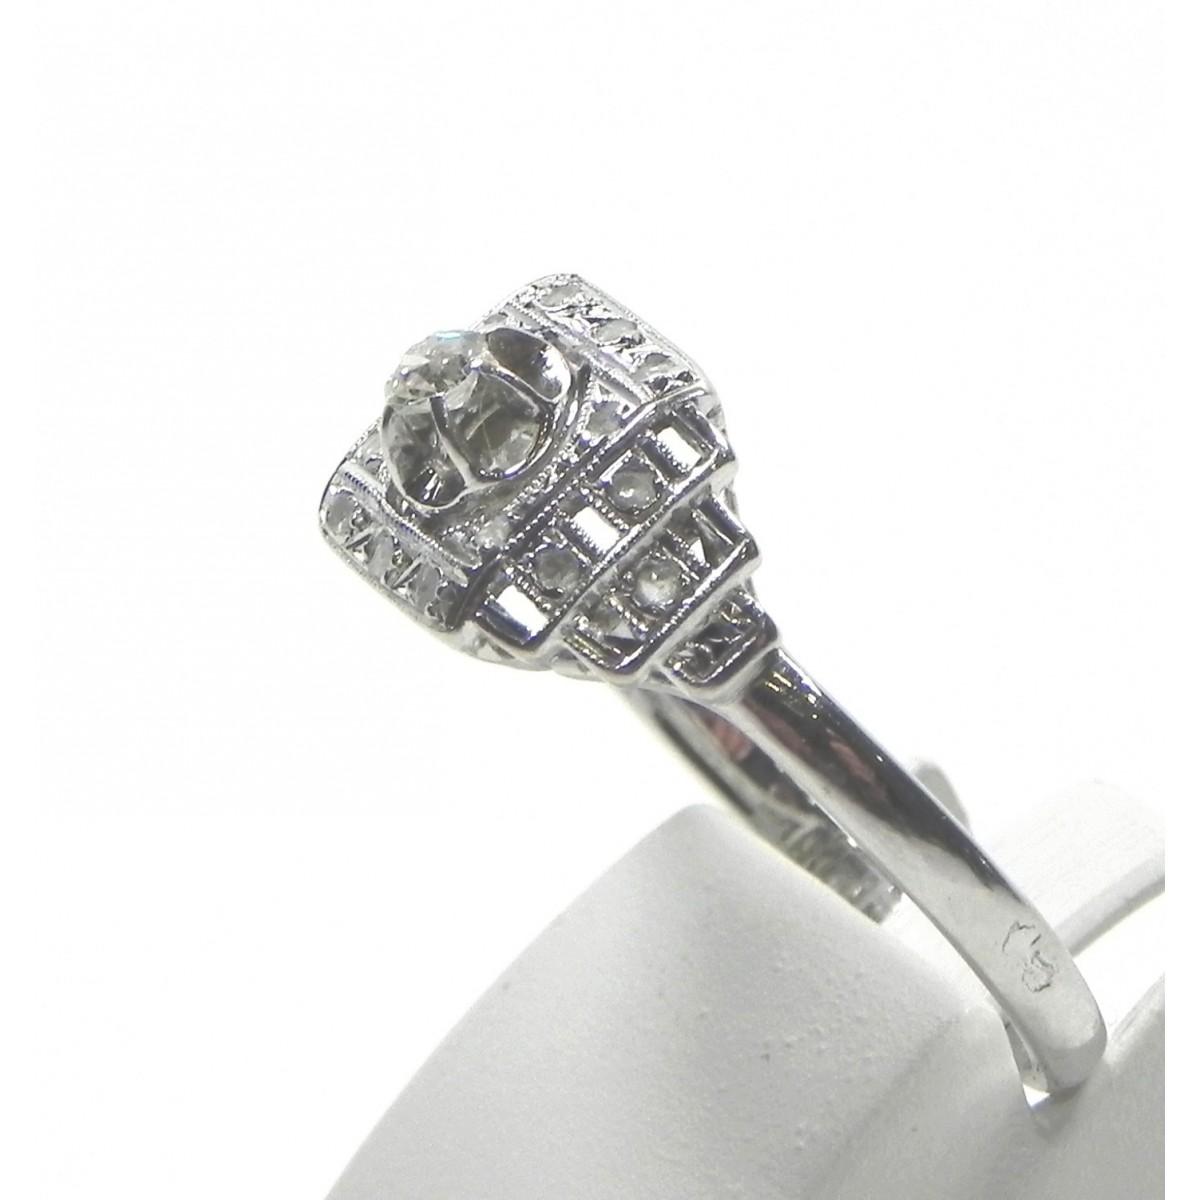 Extrem Bague Art Déco or gris platine et diamants - Muse & Or KK13